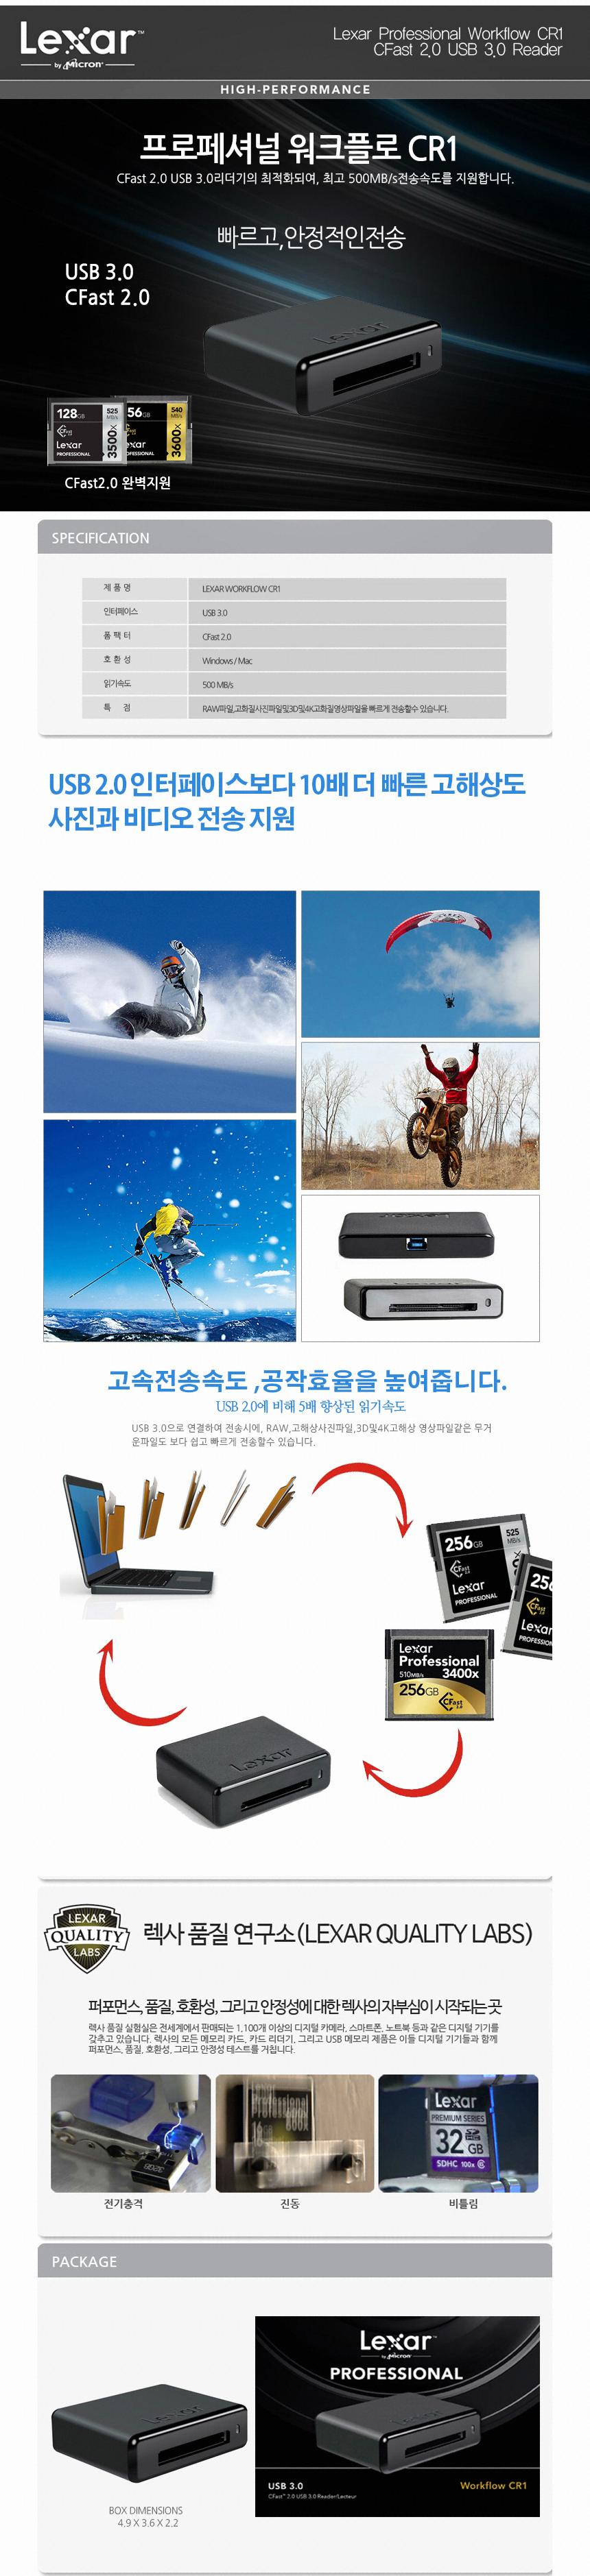 Lexar  프로페셔널 워크플로 CR1(정품)